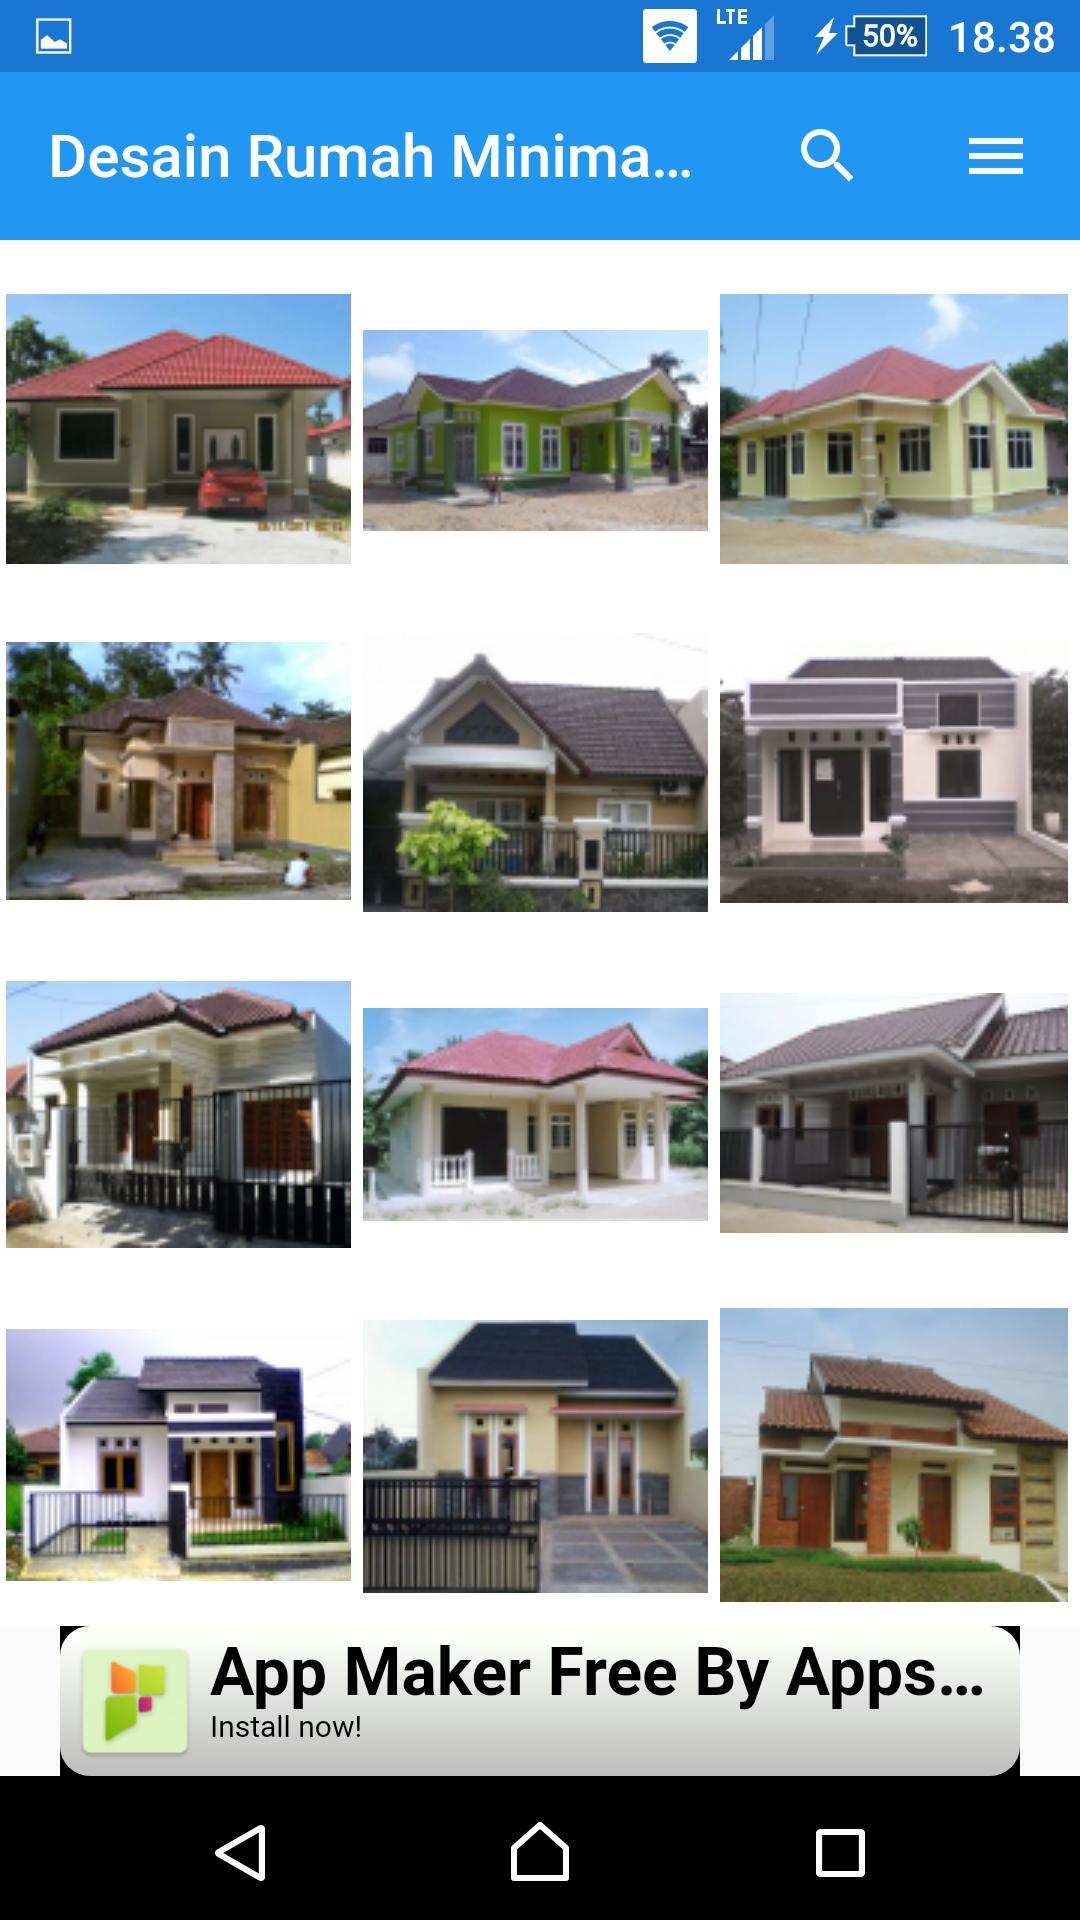 Desain Rumah Minimalis Tipe 36 for Android APK Download